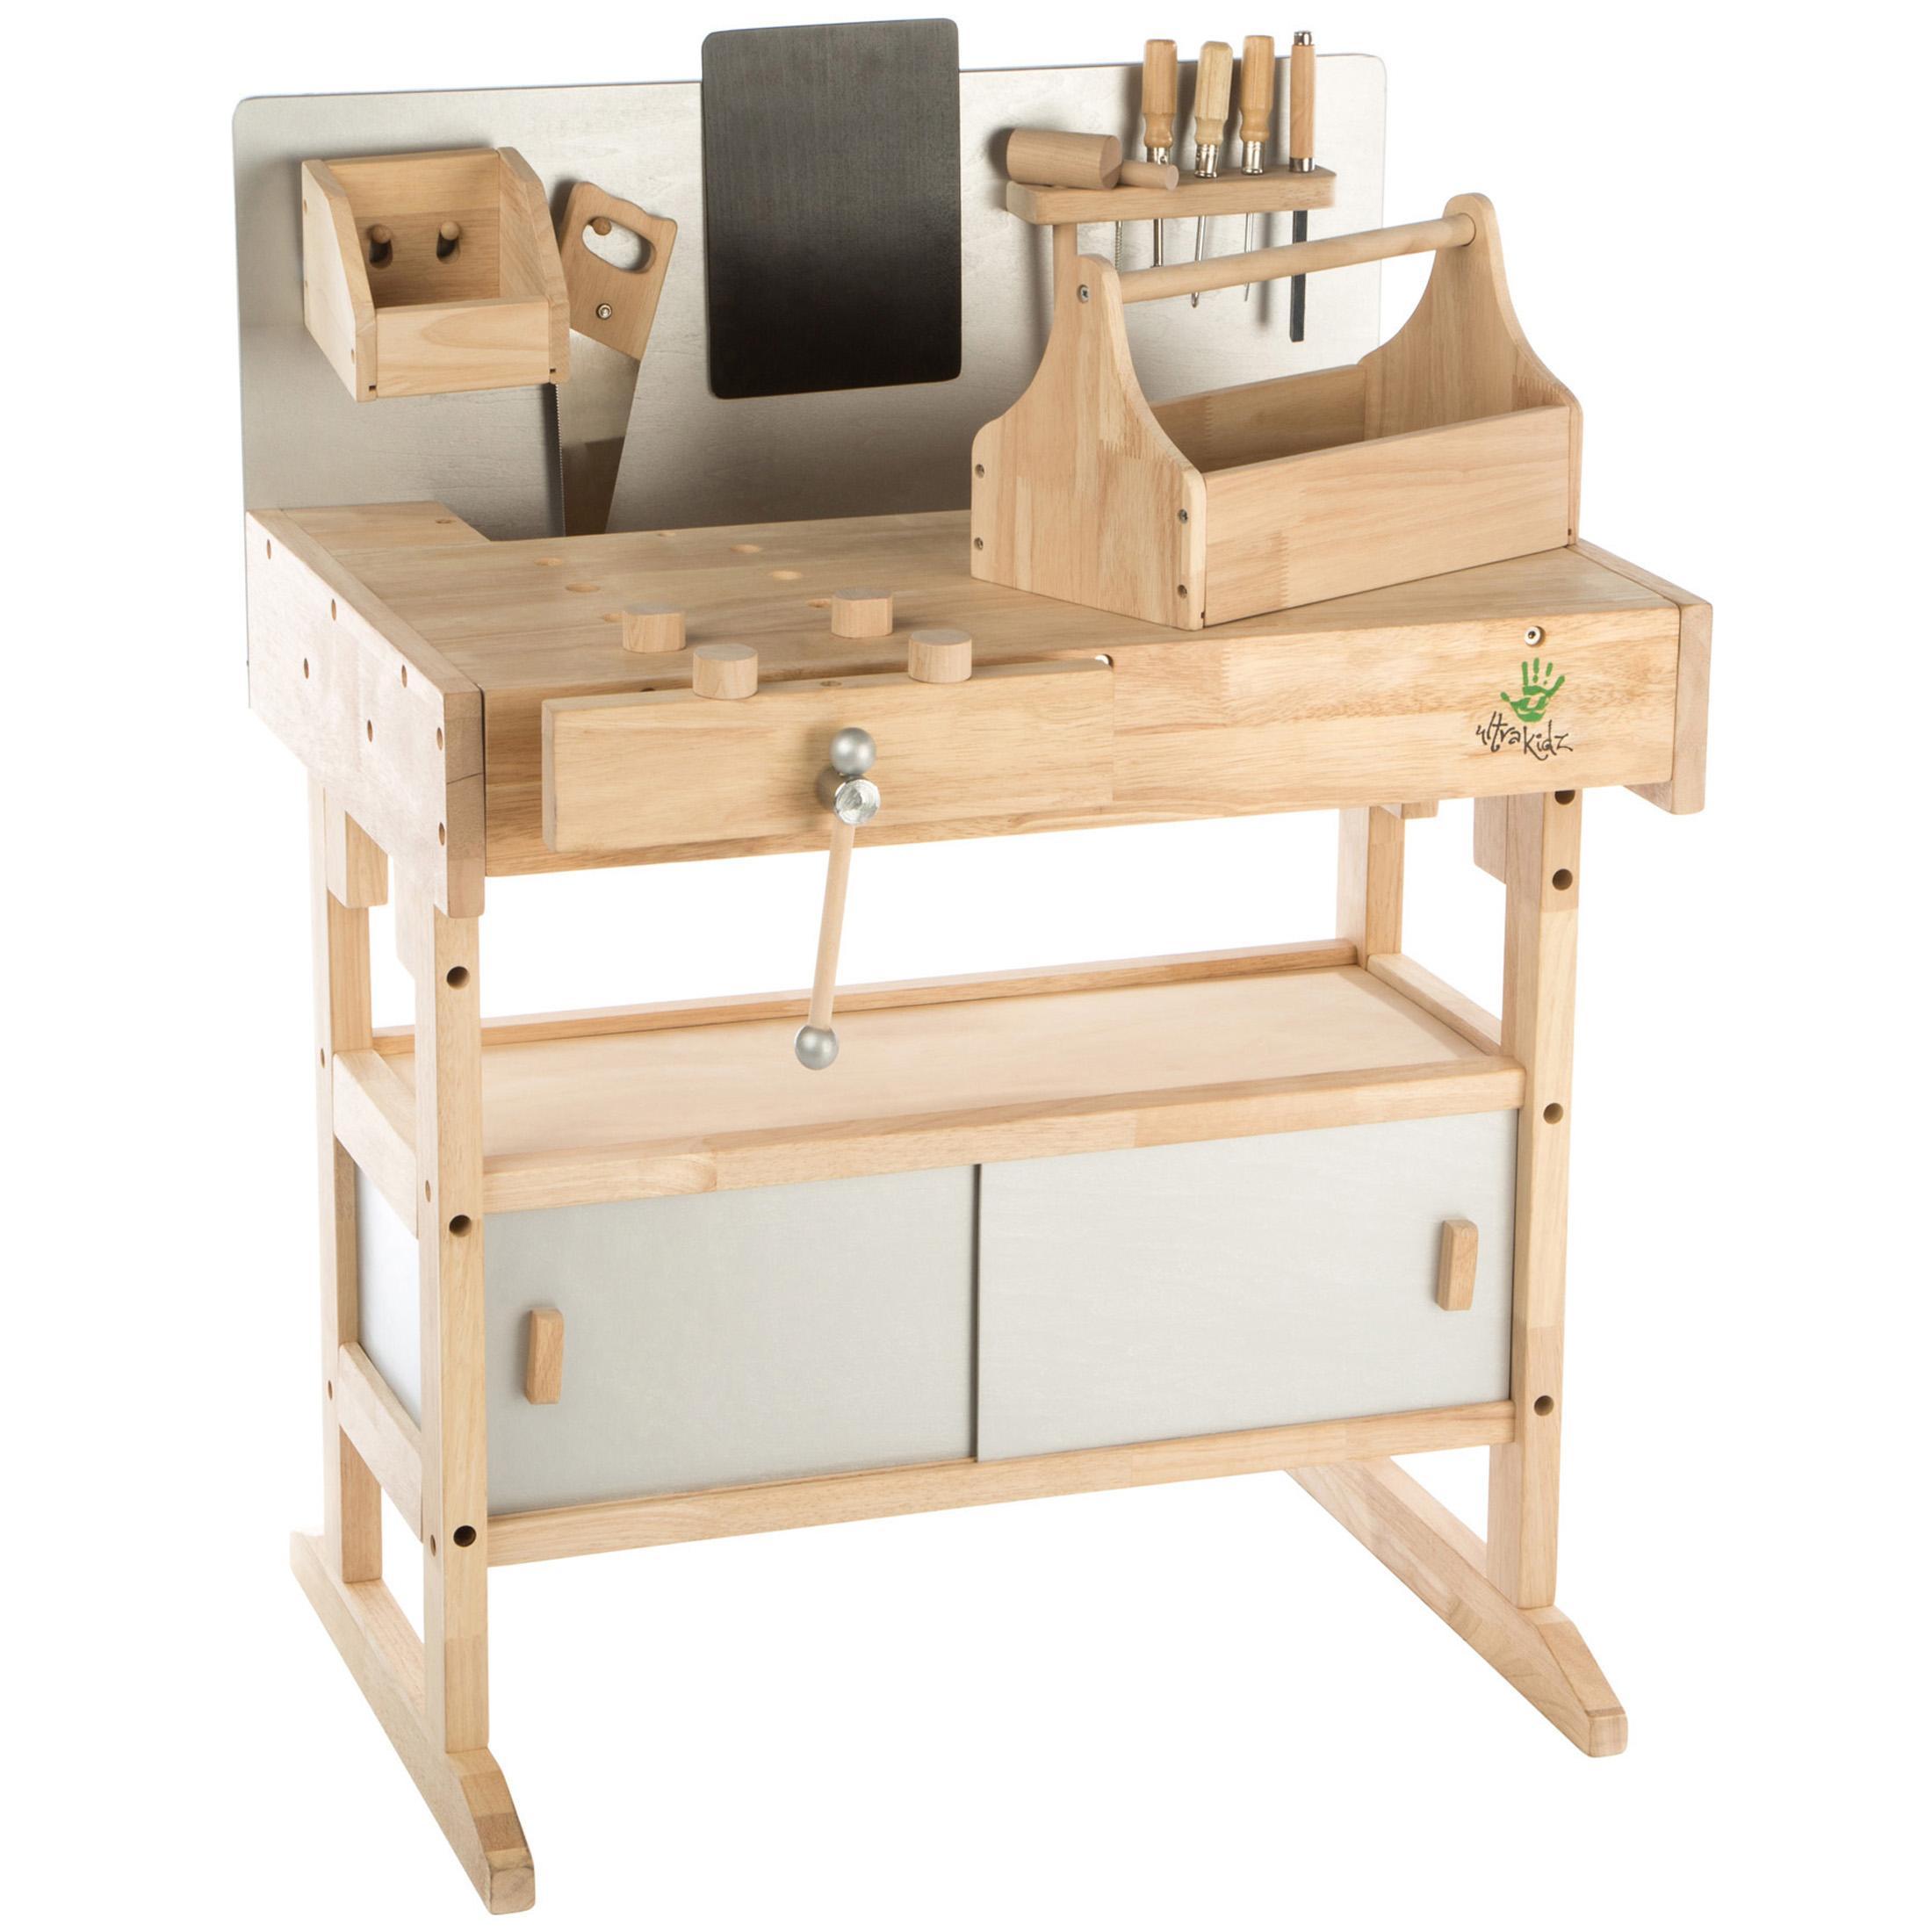 Ultrakidz banco da lavoro per bambini in legno massiccio - Banco da lavoro cucina legno ...